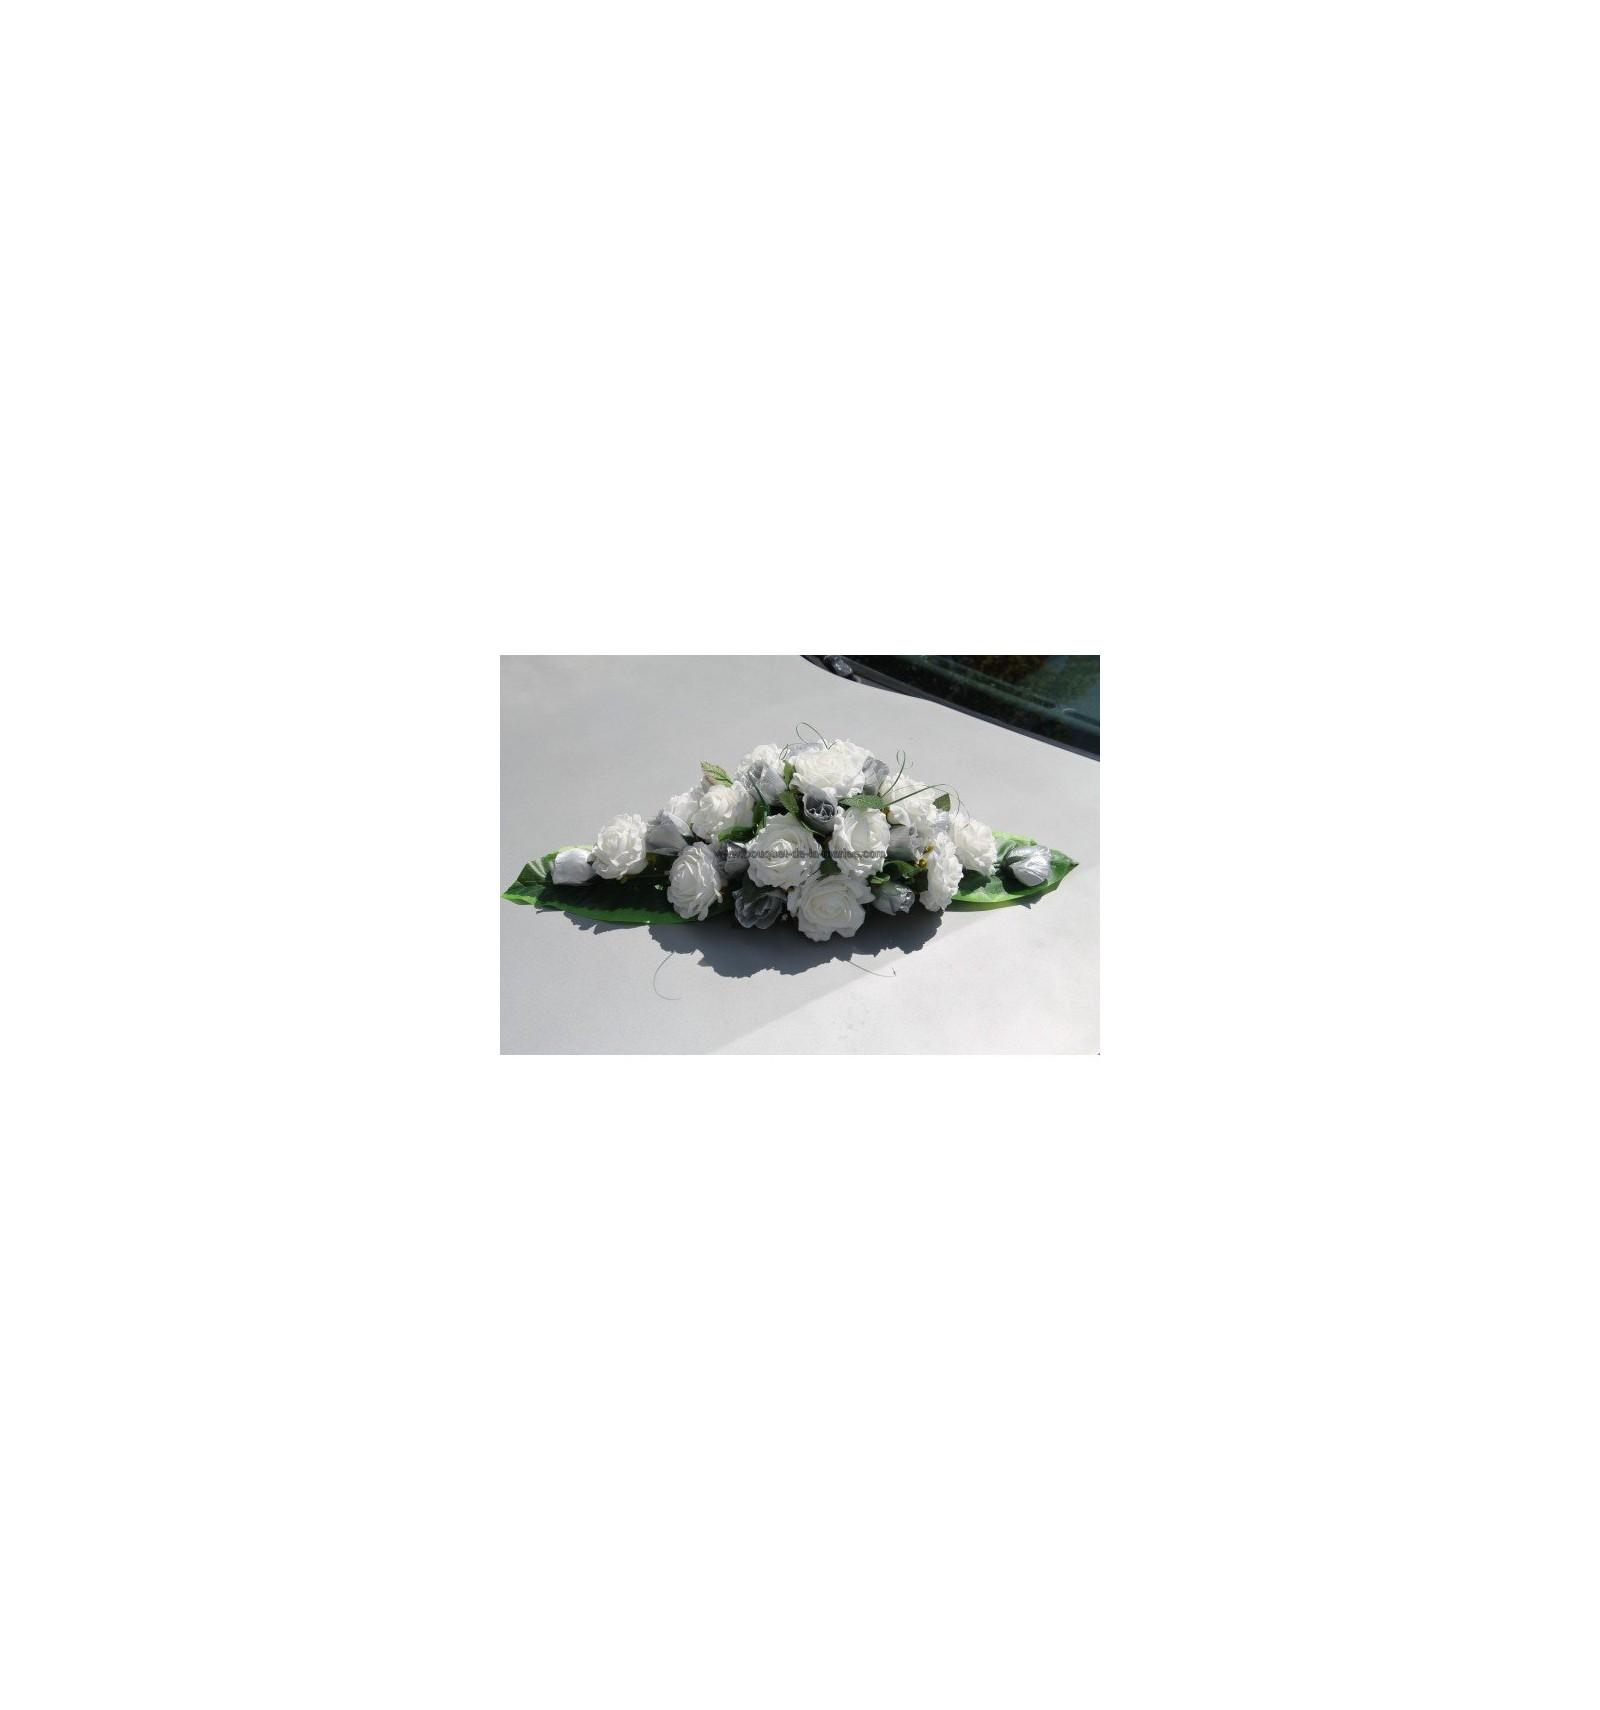 Decoration Voiture Mariage Gris Et Rose : Decoration voiture mariage gris et rose design de maison